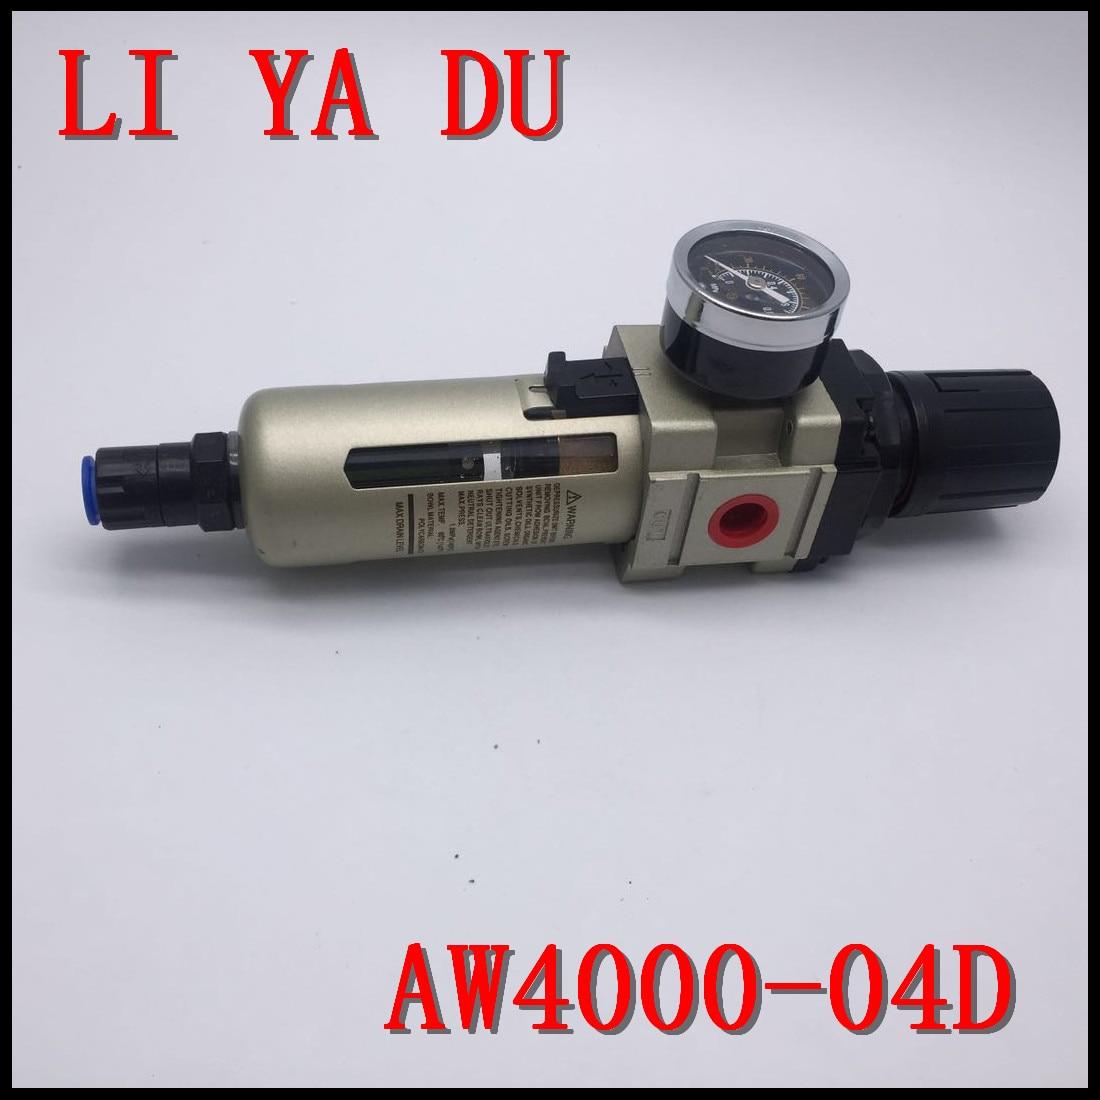 Filtre Standard pneumatique de carburant de hepa dair ou deau de AW4000-04D G1/2 avec le DrainageFiltre Standard pneumatique de carburant de hepa dair ou deau de AW4000-04D G1/2 avec le Drainage